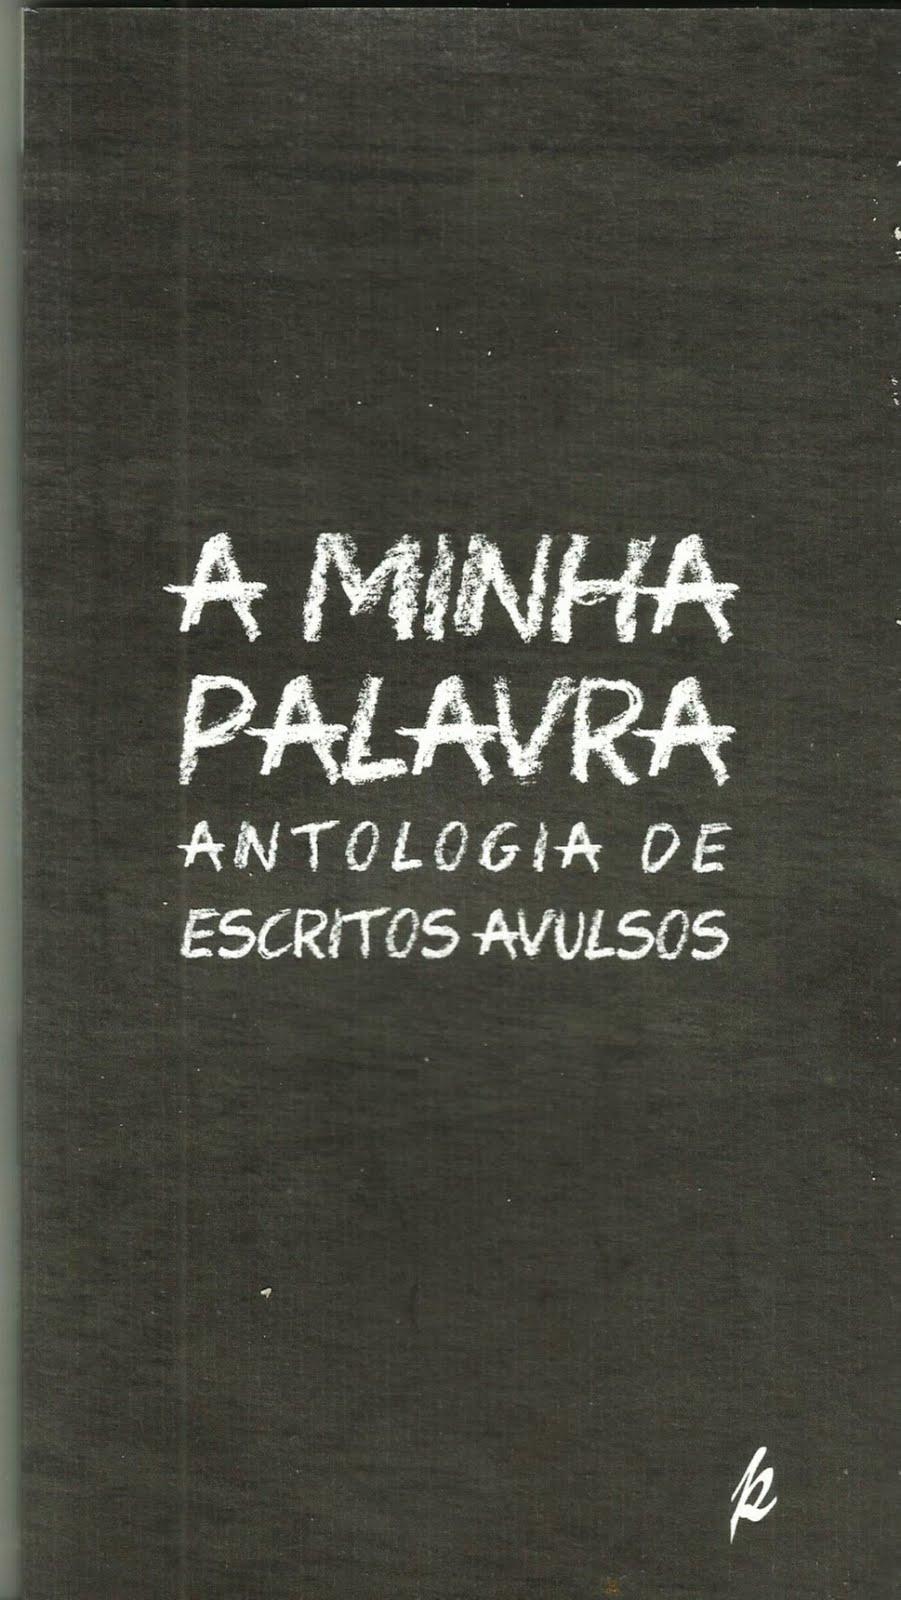 Participação em Antologia